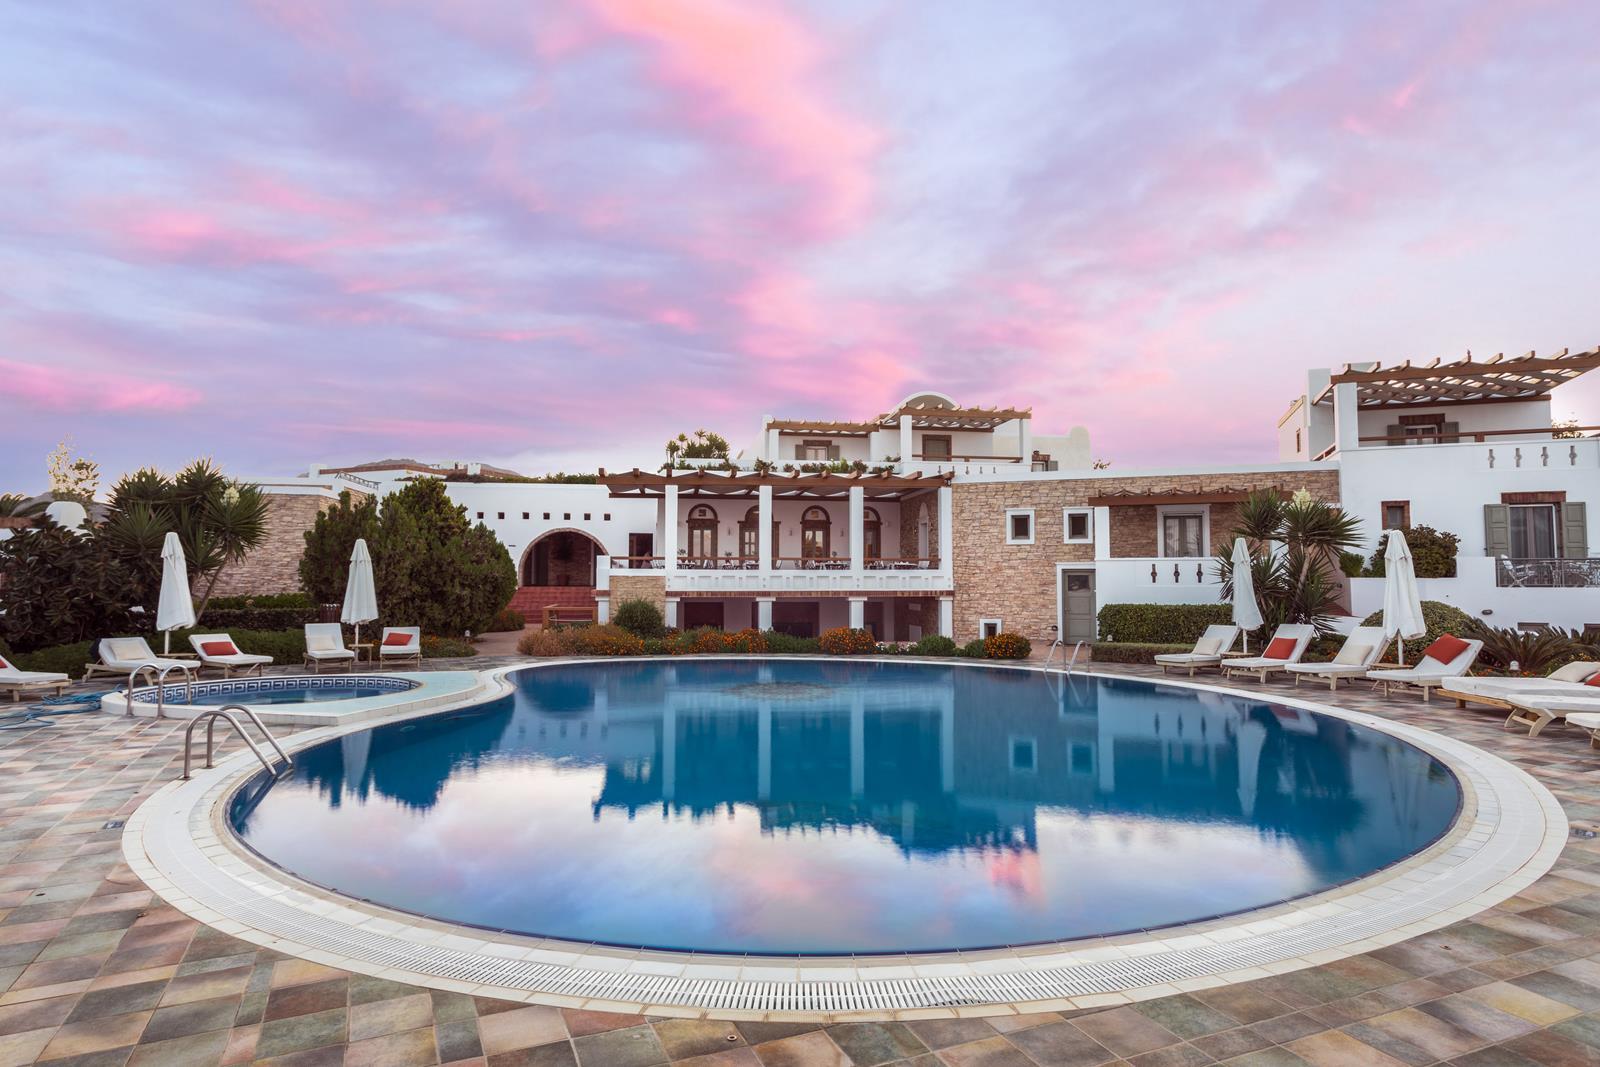 hotel naxos - Porto Naxos hotel